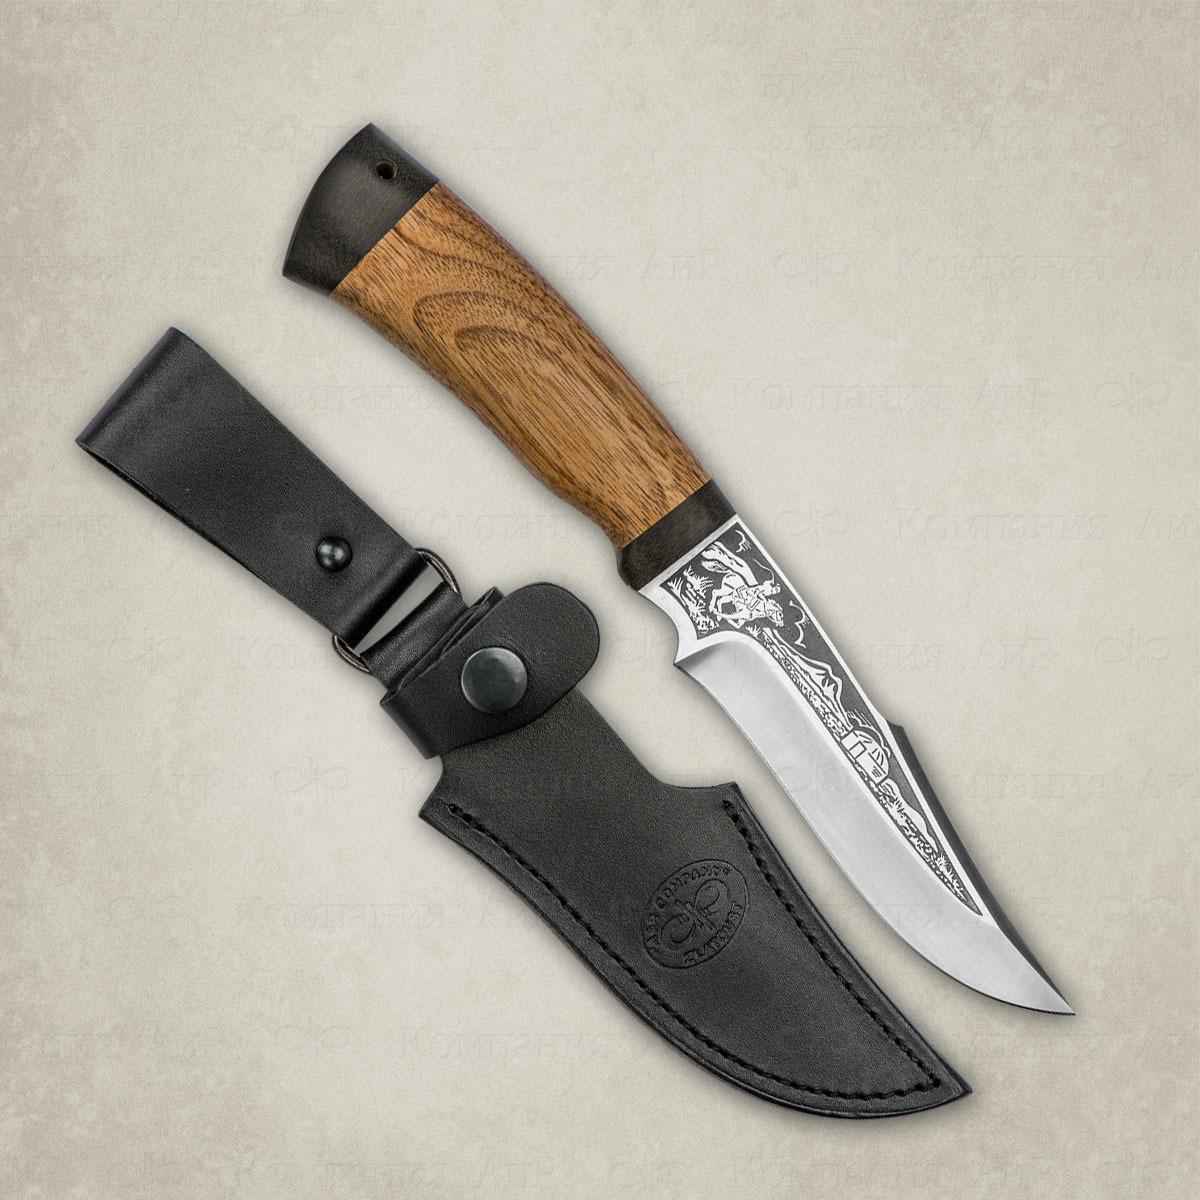 Нож АиР Хазар, сталь К-340, рукоять дерево нож аир хазар сталь к 340 рукоять граб